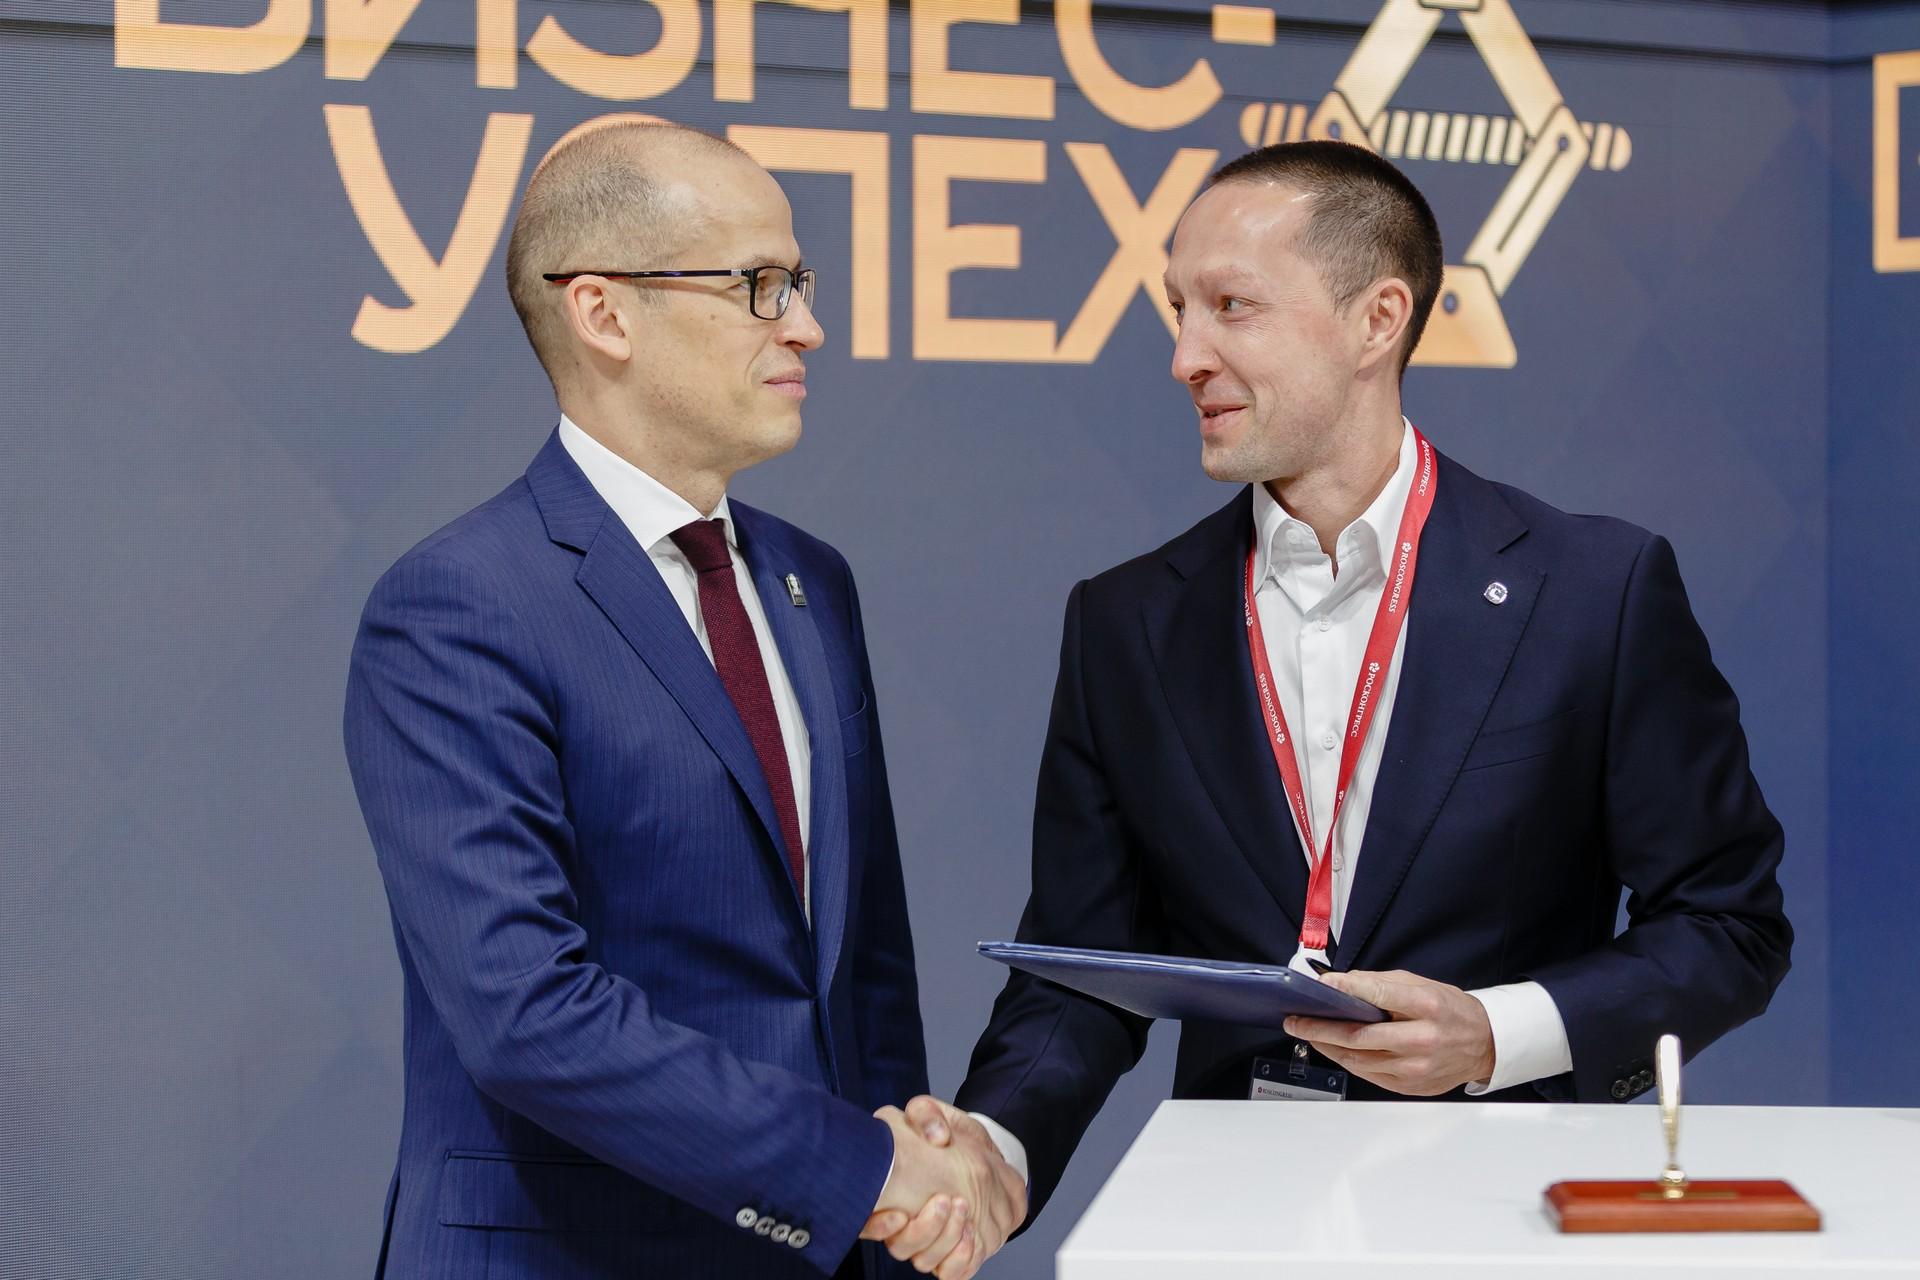 Подписание соглашения с Александром Бречаловым